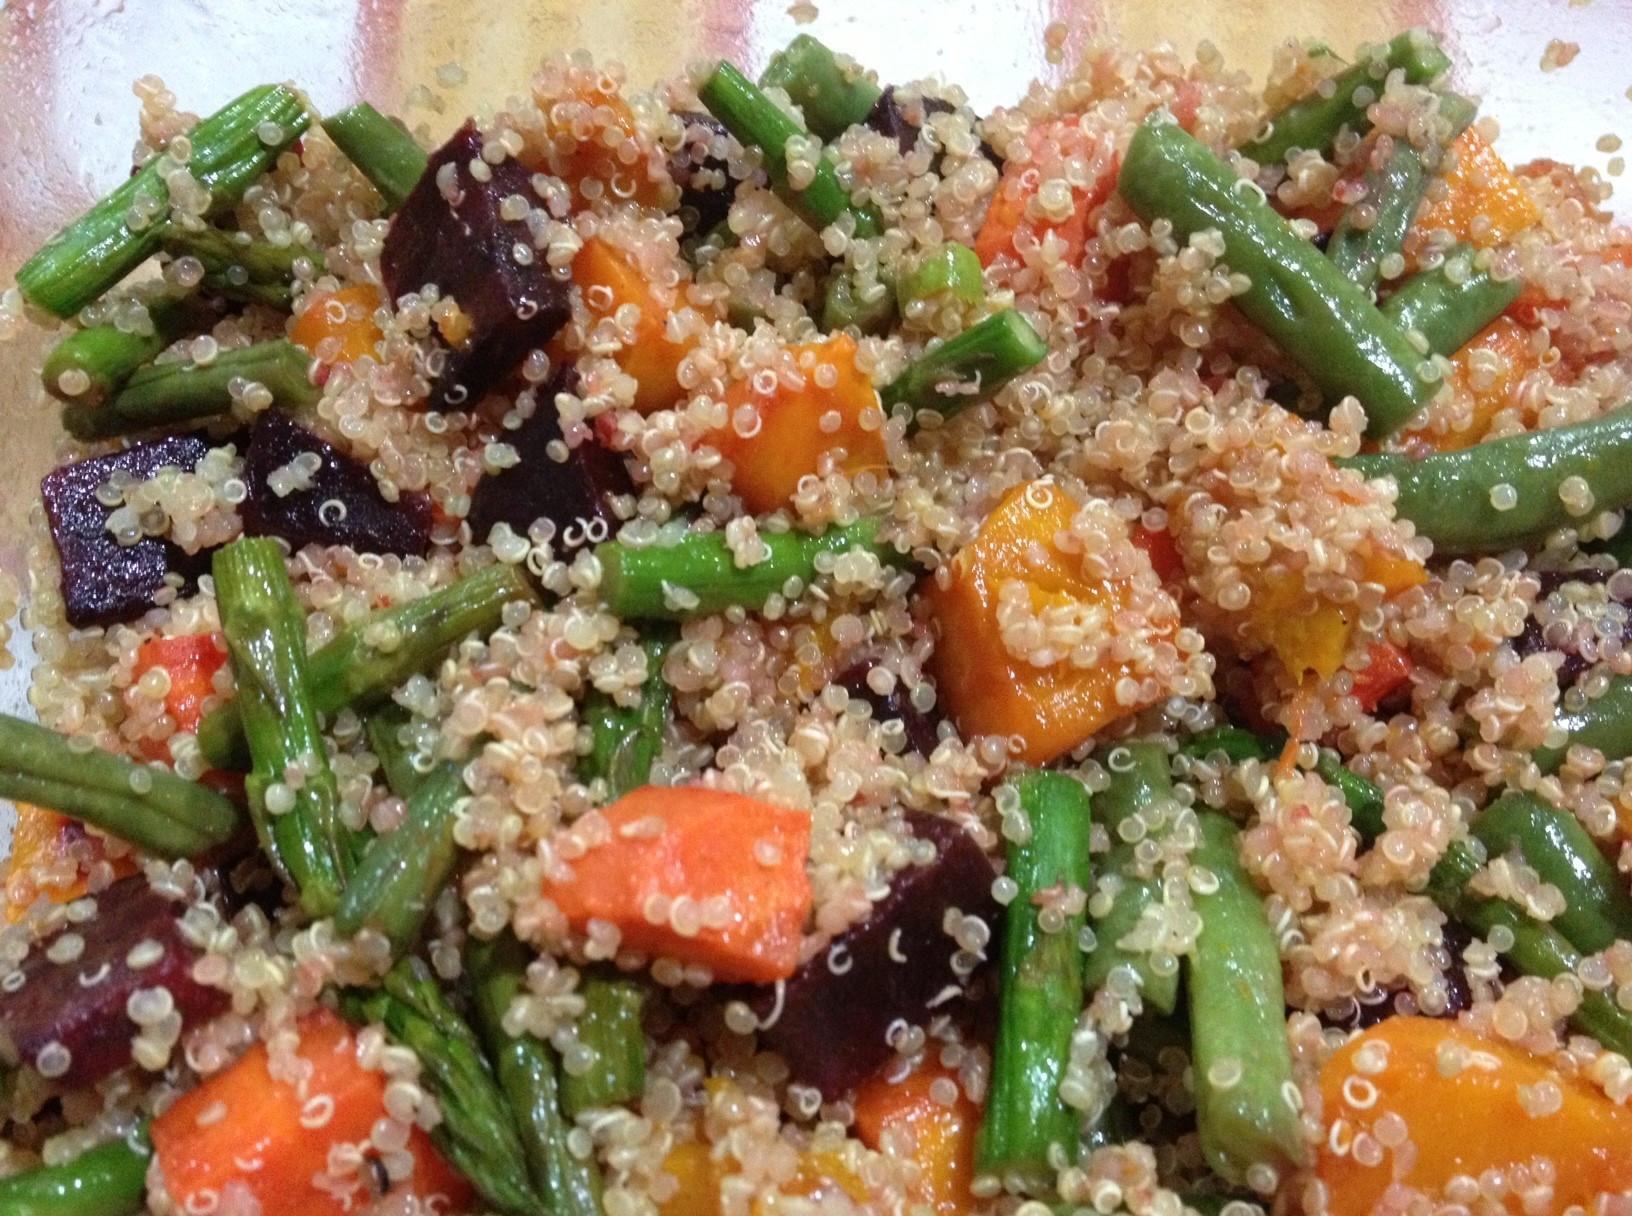 Quinoa With Vegetables  Quinoa With Veggies Recipe — Dishmaps